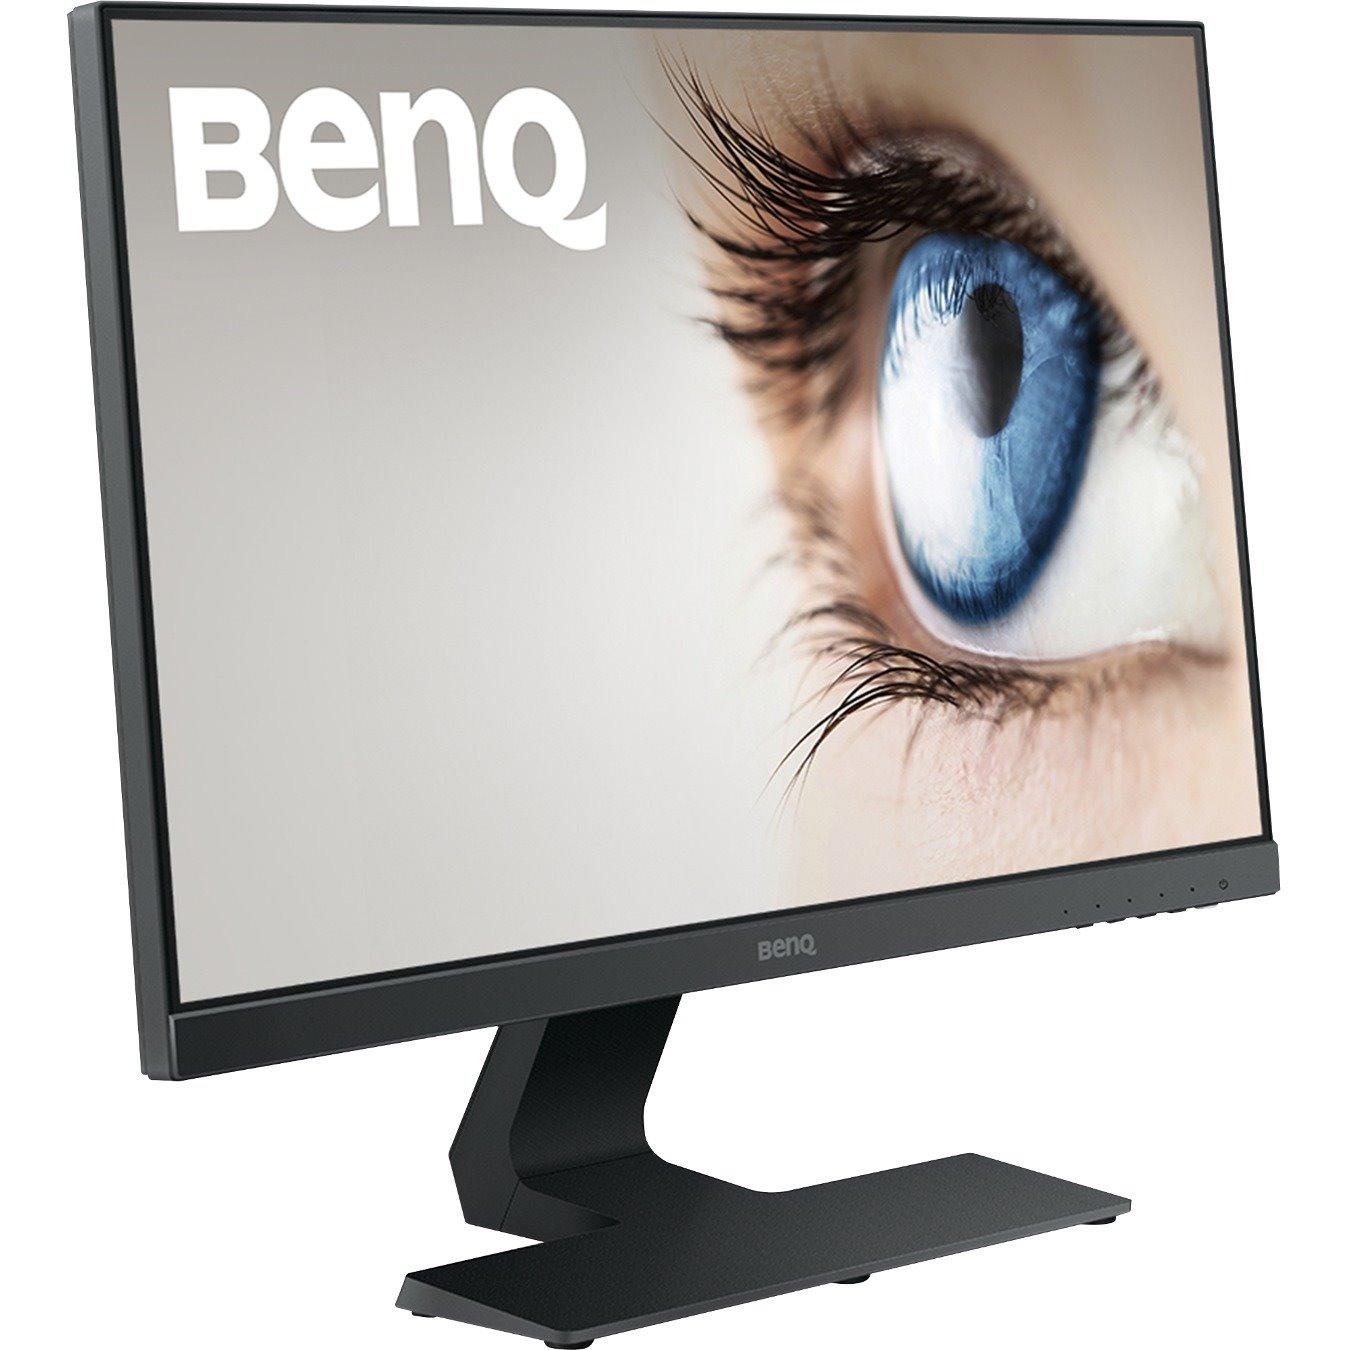 """BenQ GL2580HM 62.2 cm (24.5"""") LED LCD Monitor - 16:9 - 1 ms GTG"""